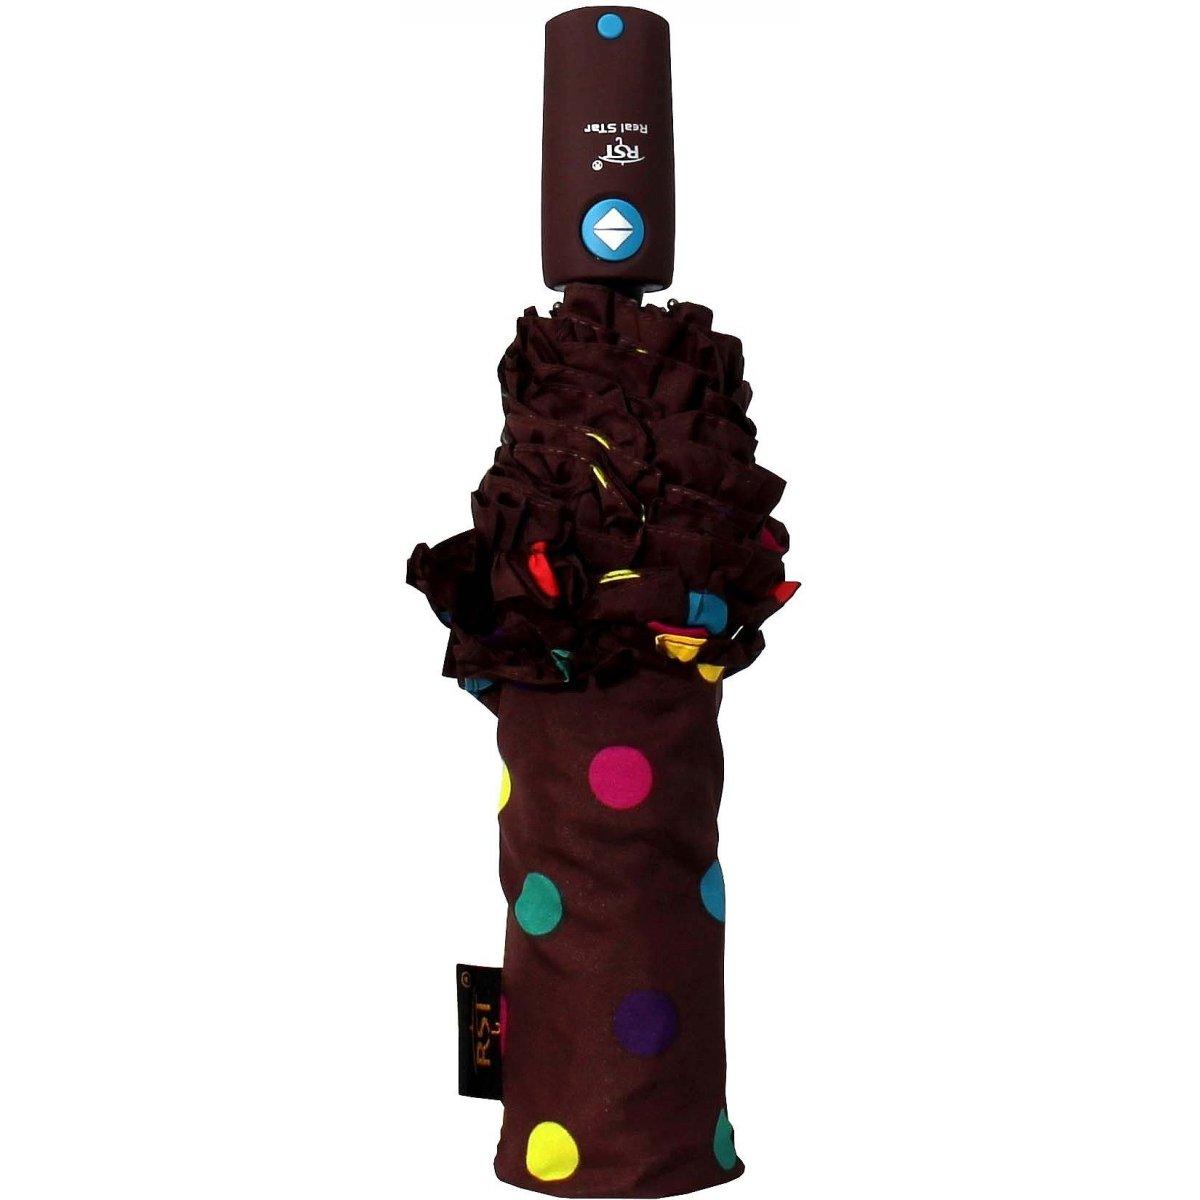 parapluie automatique les sacs de krlot akg0082 couleur principale 4. Black Bedroom Furniture Sets. Home Design Ideas